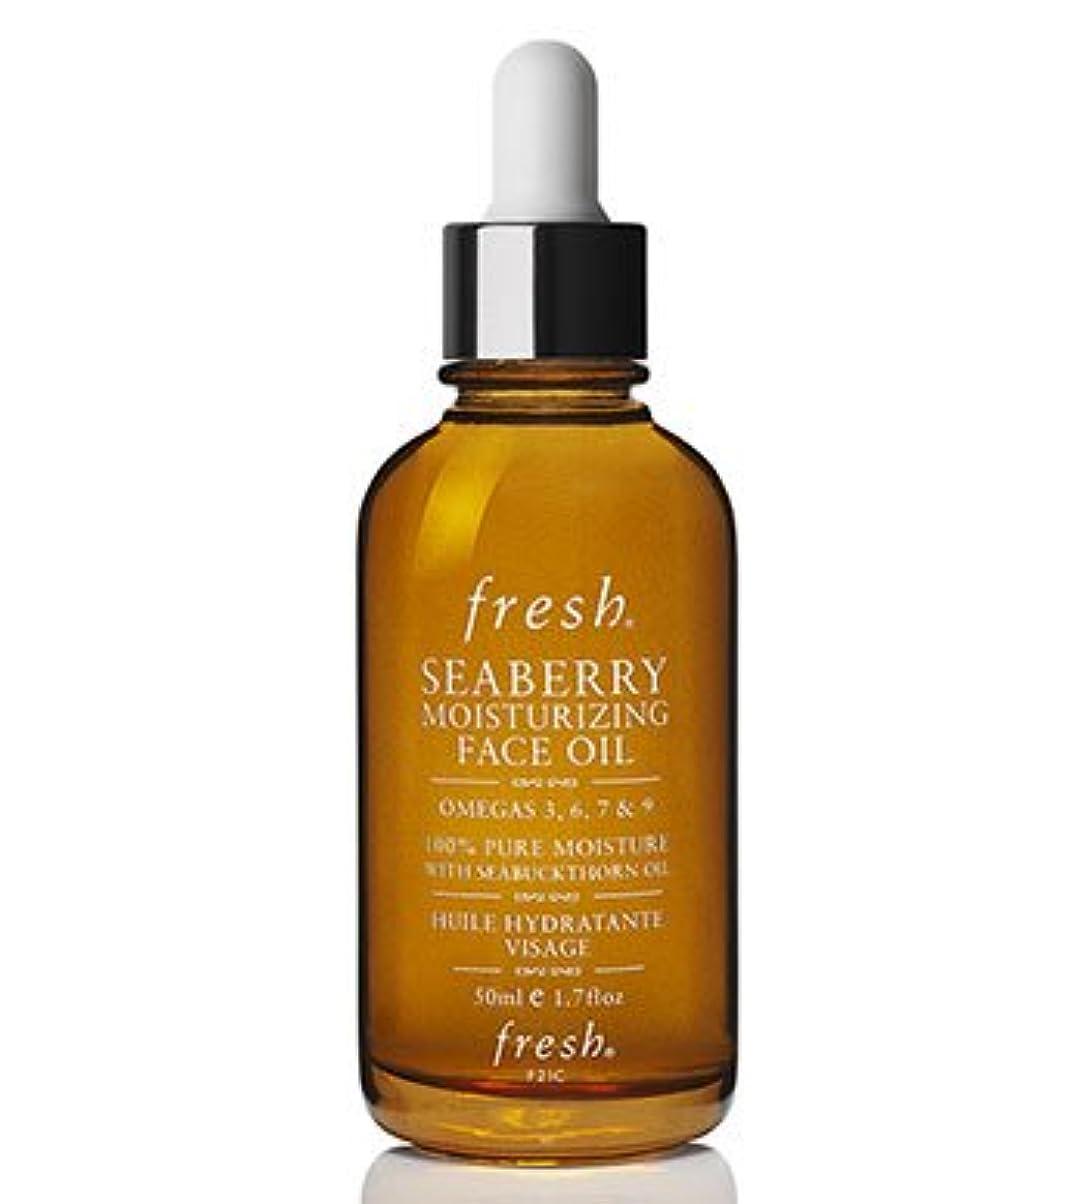 皮急襲肖像画Fresh  Seaberry Moisturizing Face Oil (フレッシュ シーベリー モイスチャライジング フェイスオイル) 1.7 oz (50ml)